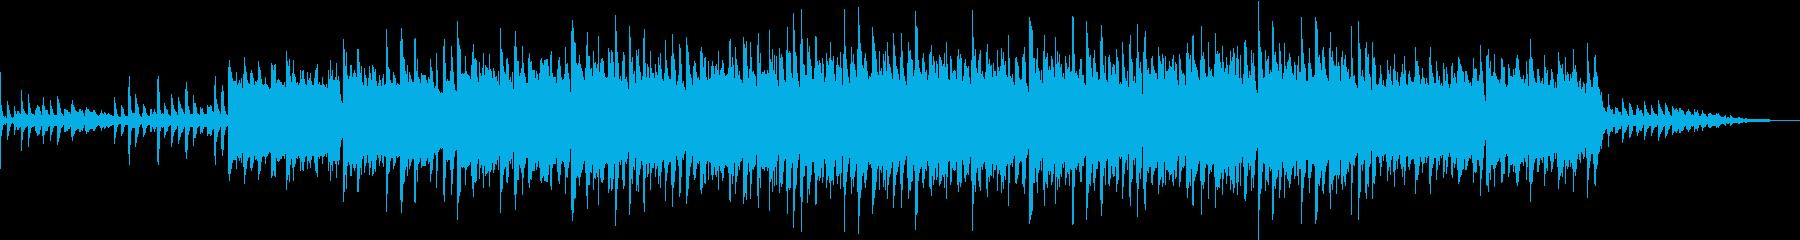 ミドルテンポでメロディアスなテクノPOPの再生済みの波形